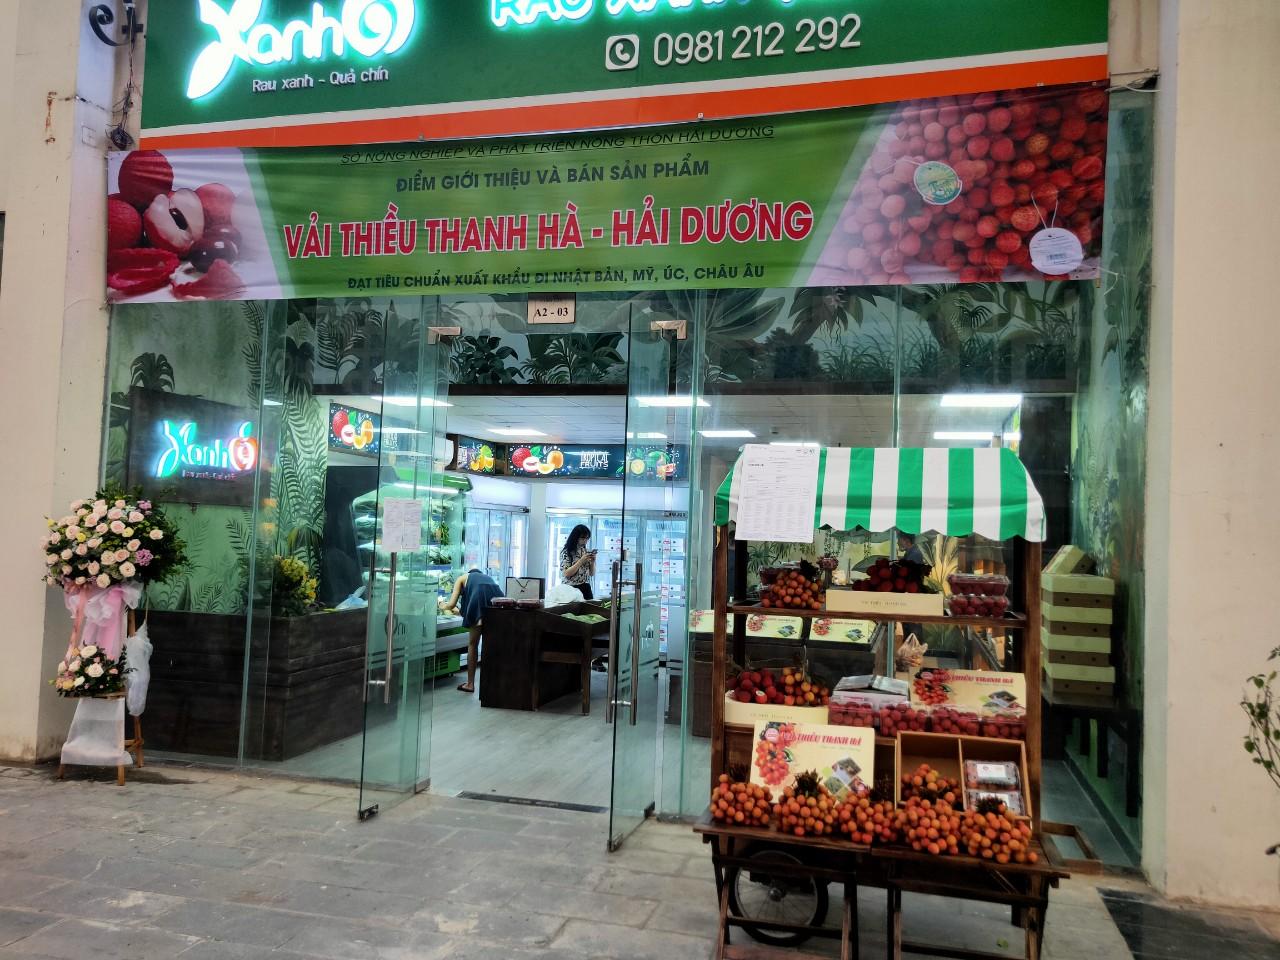 Vải thiều Thanh Hà đạt chuẩn Quốc tế được bán tại hải thành phố lớn là Hà Nội và TP Hồ Chí Minh - Ảnh 2.